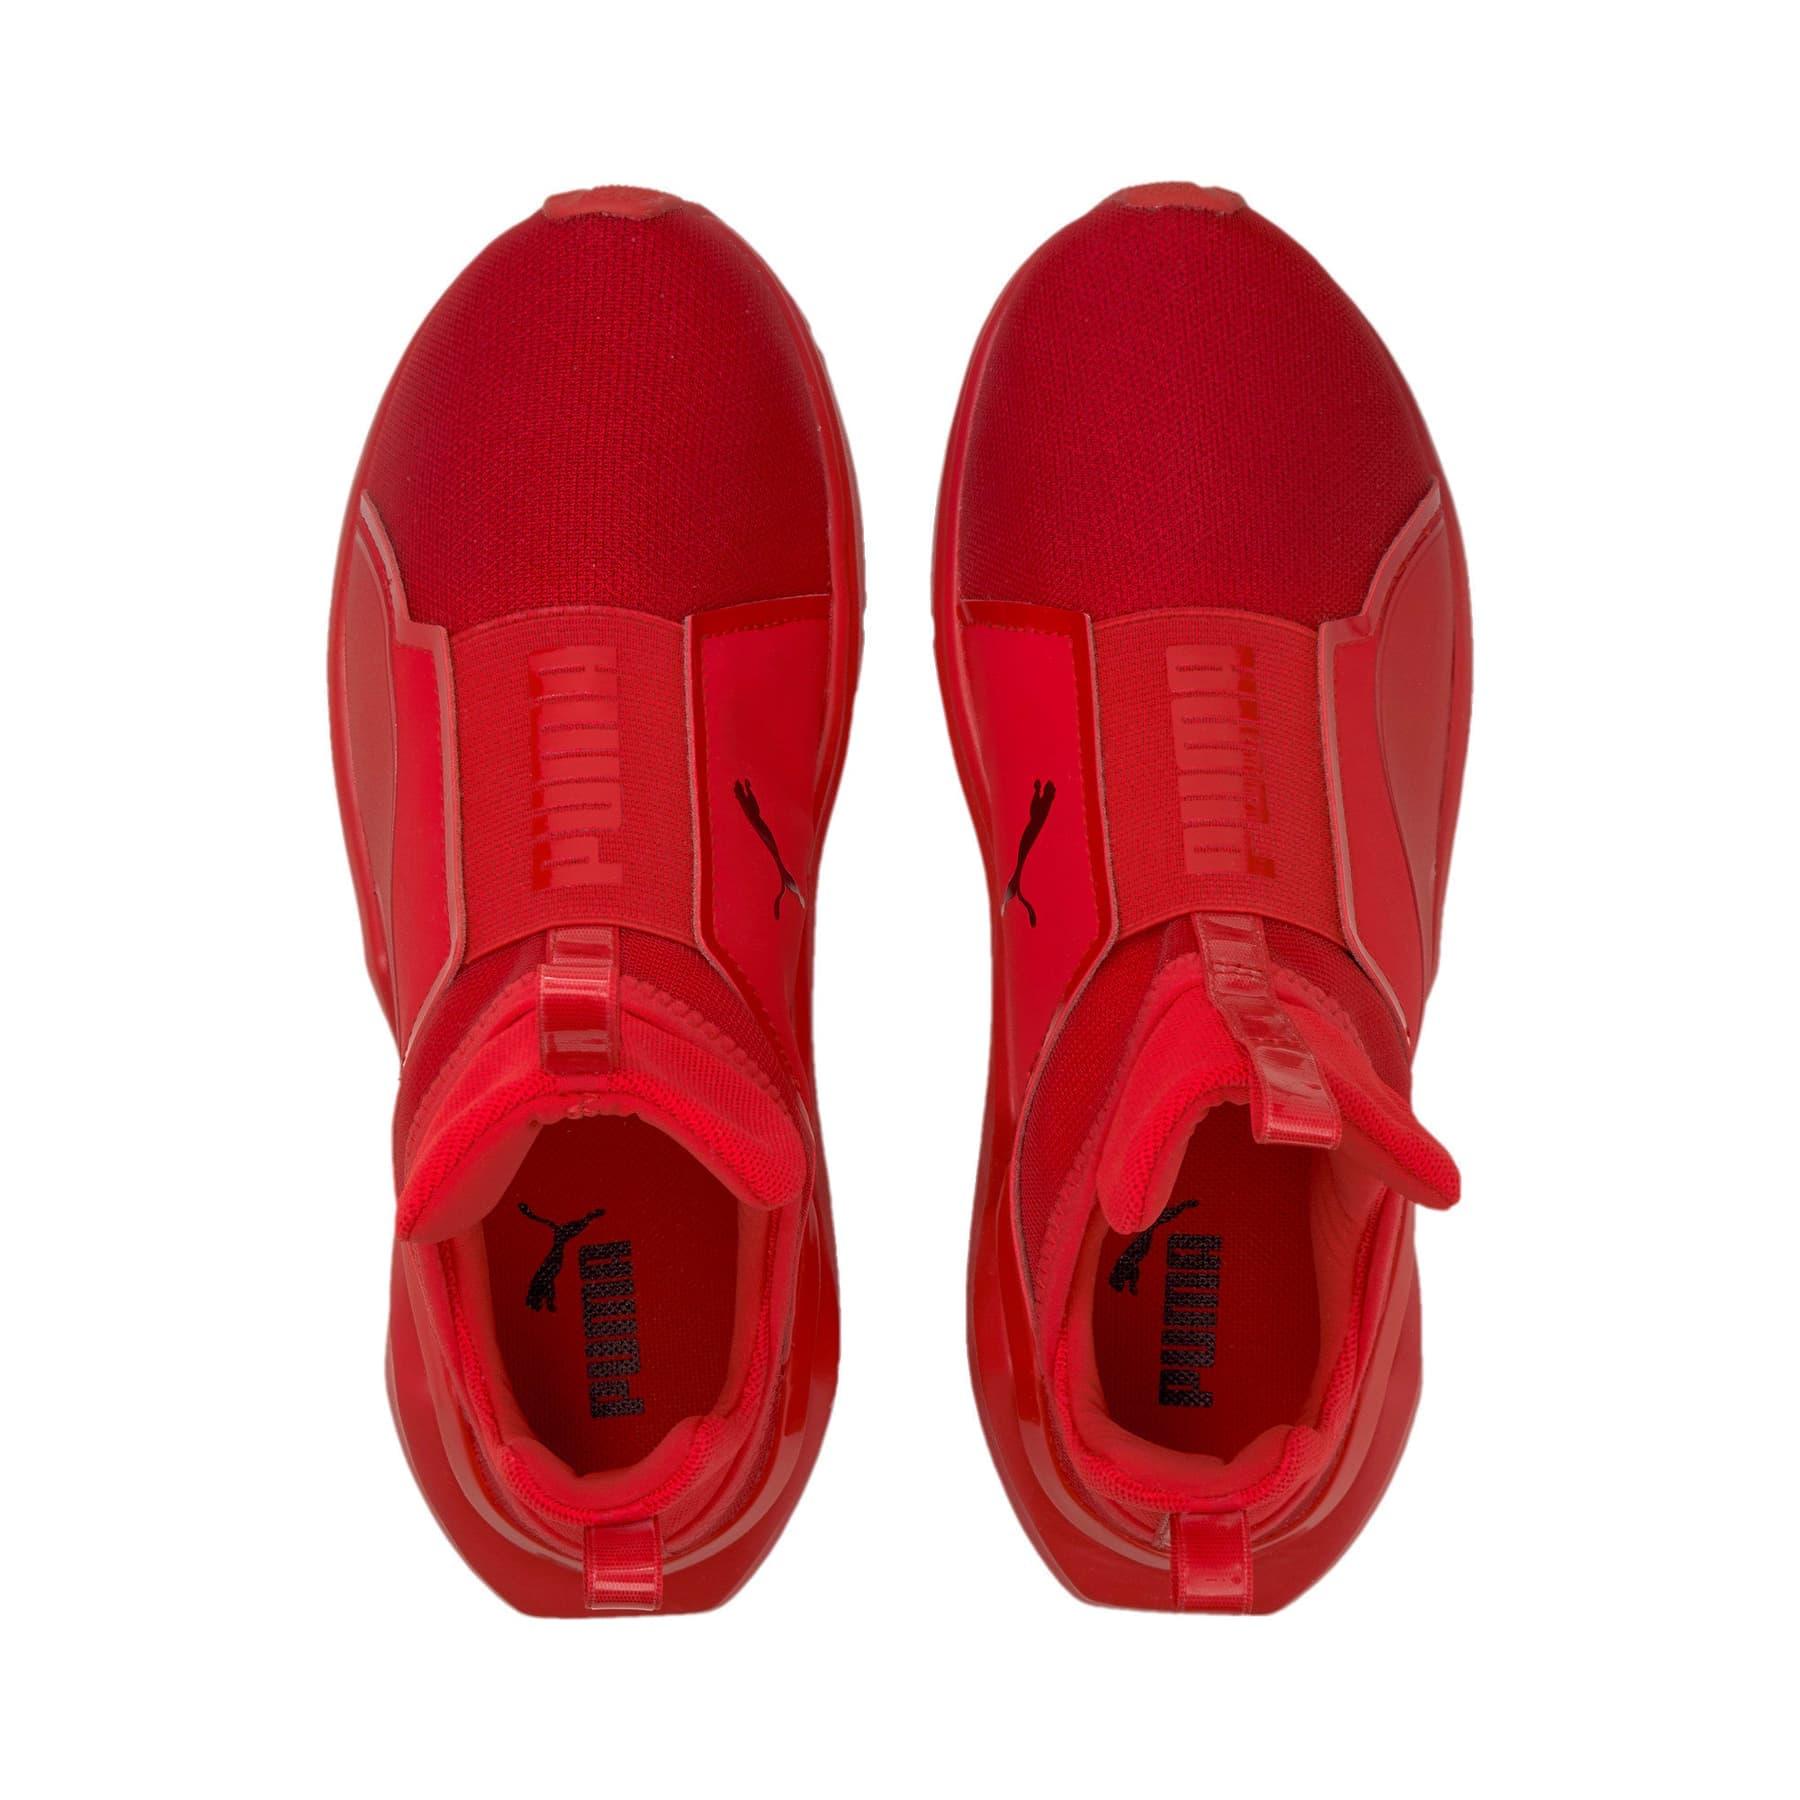 FIERCE 2 Kadın Kırmızı Antrenman Ayakkabısı (195176-02)